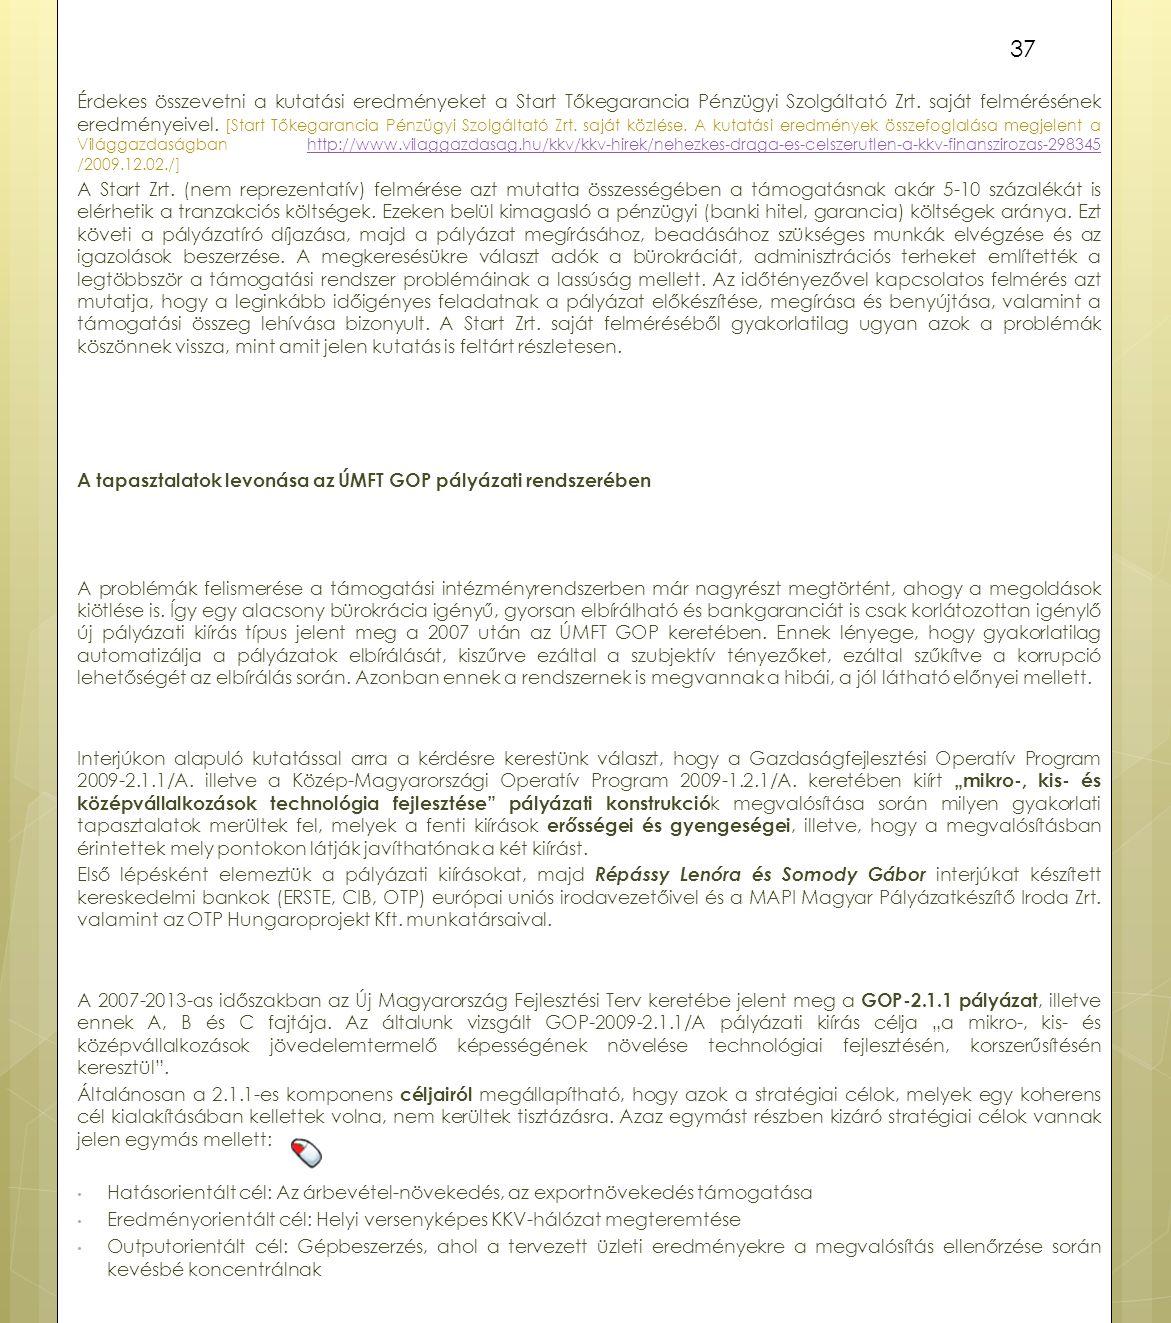 Érdekes összevetni a kutatási eredményeket a Start Tőkegarancia Pénzügyi Szolgáltató Zrt. saját felmérésének eredményeivel. [Start Tőkegarancia Pénzügyi Szolgáltató Zrt. saját közlése. A kutatási eredmények összefoglalása megjelent a Világgazdaságban http://www.vilaggazdasag.hu/kkv/kkv-hirek/nehezkes-draga-es-celszerutlen-a-kkv-finanszirozas-298345 /2009.12.02./]